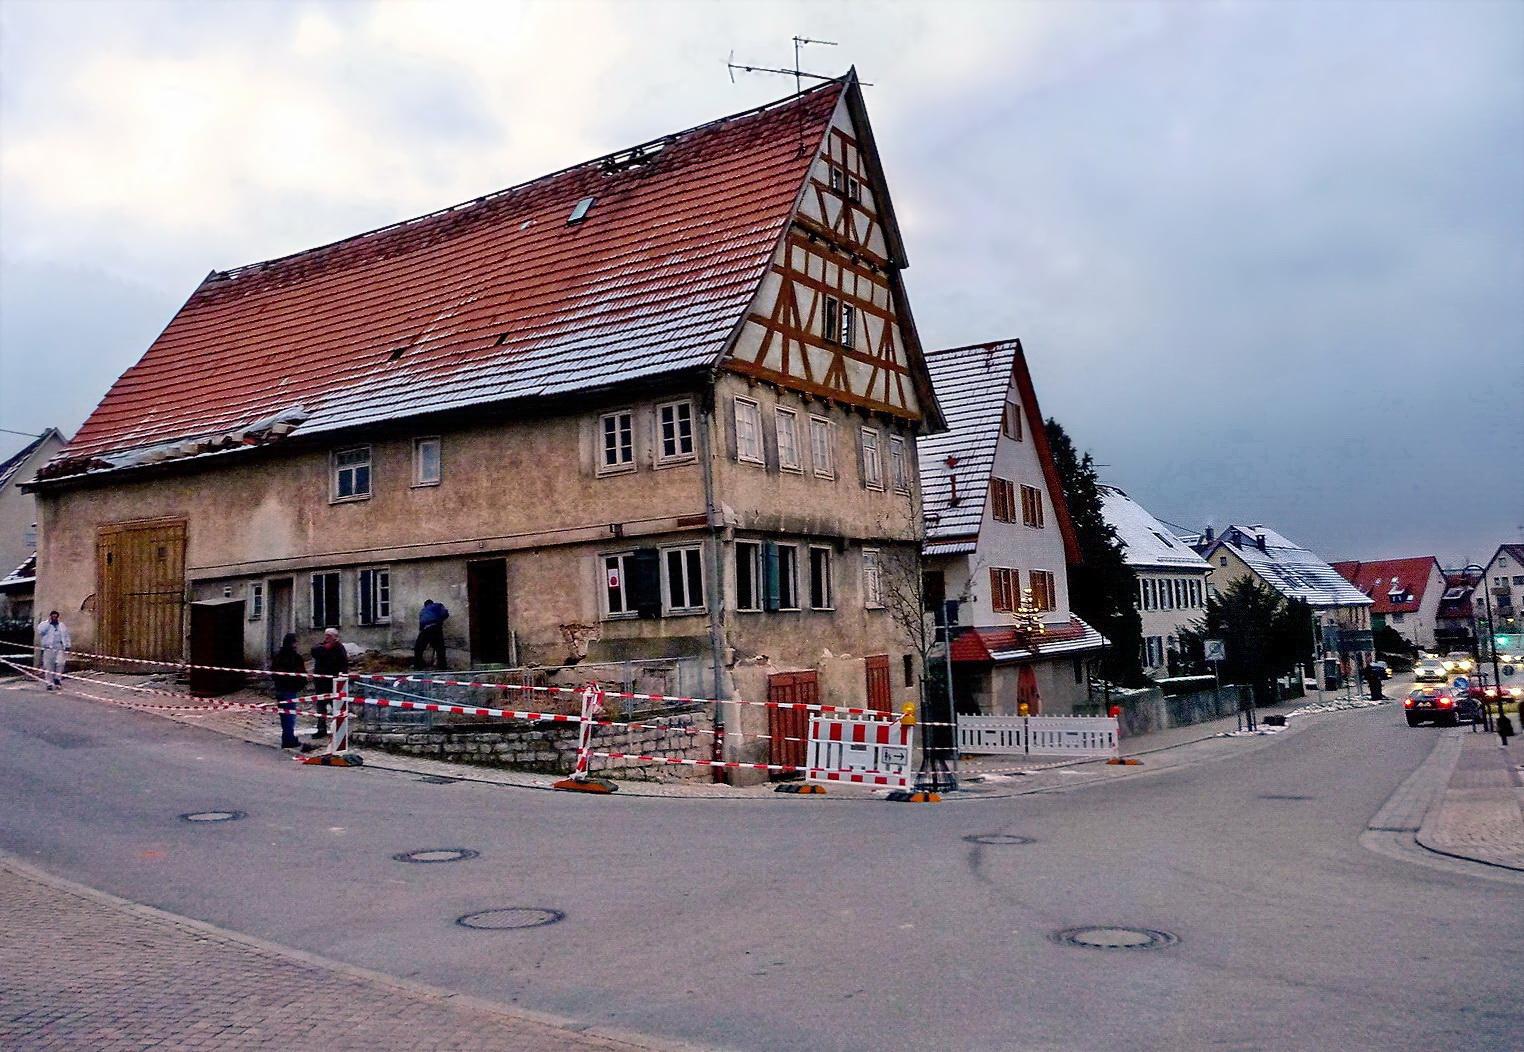 Das Haus am Rande der Straße